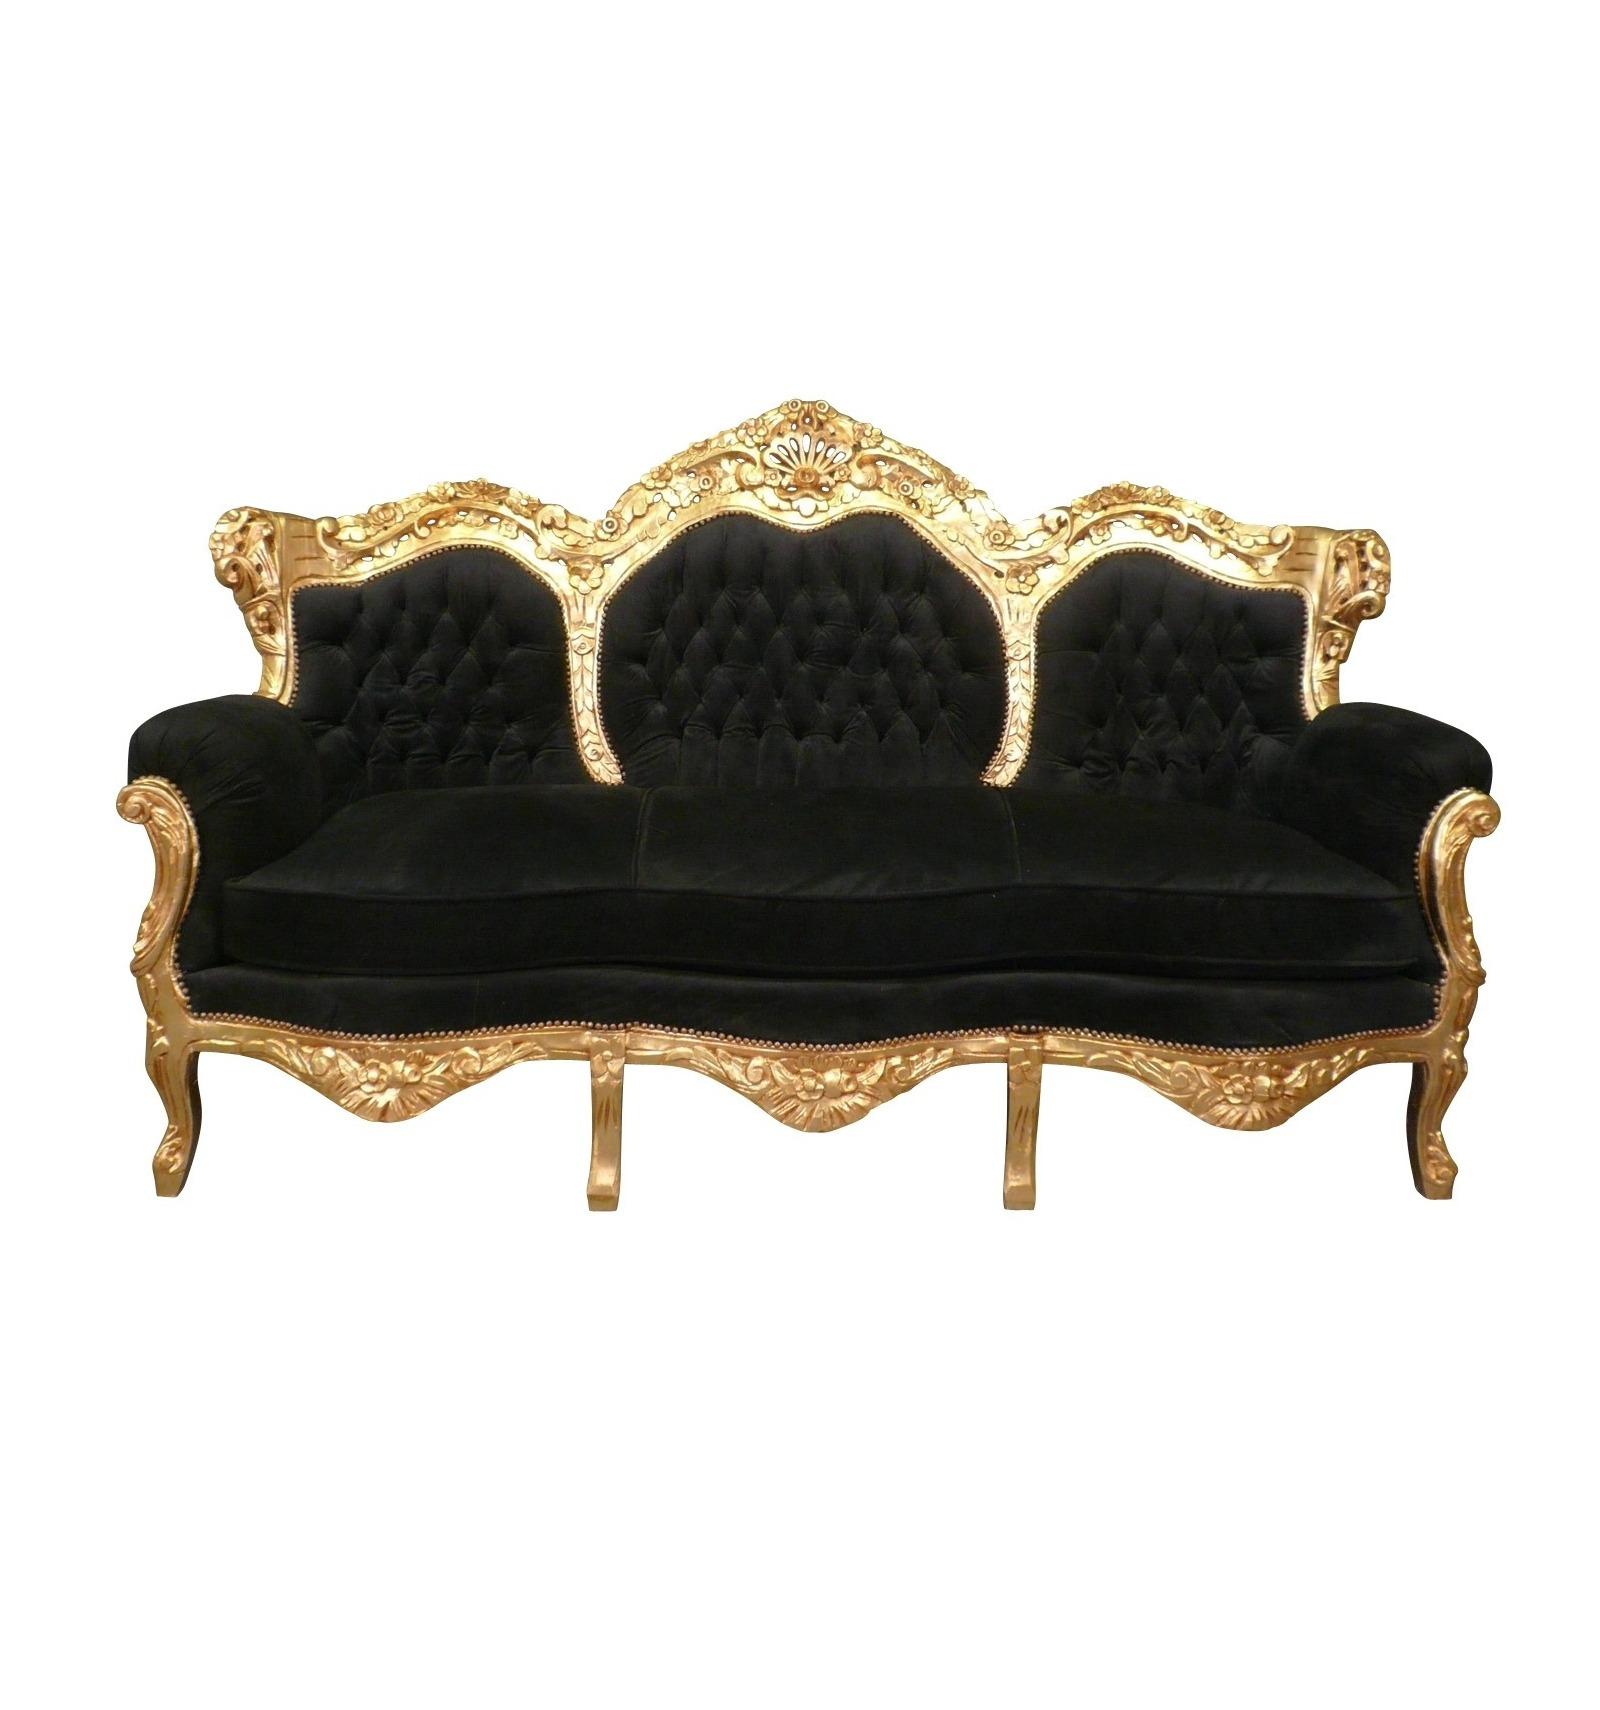 Divano stile barocco nero e oro